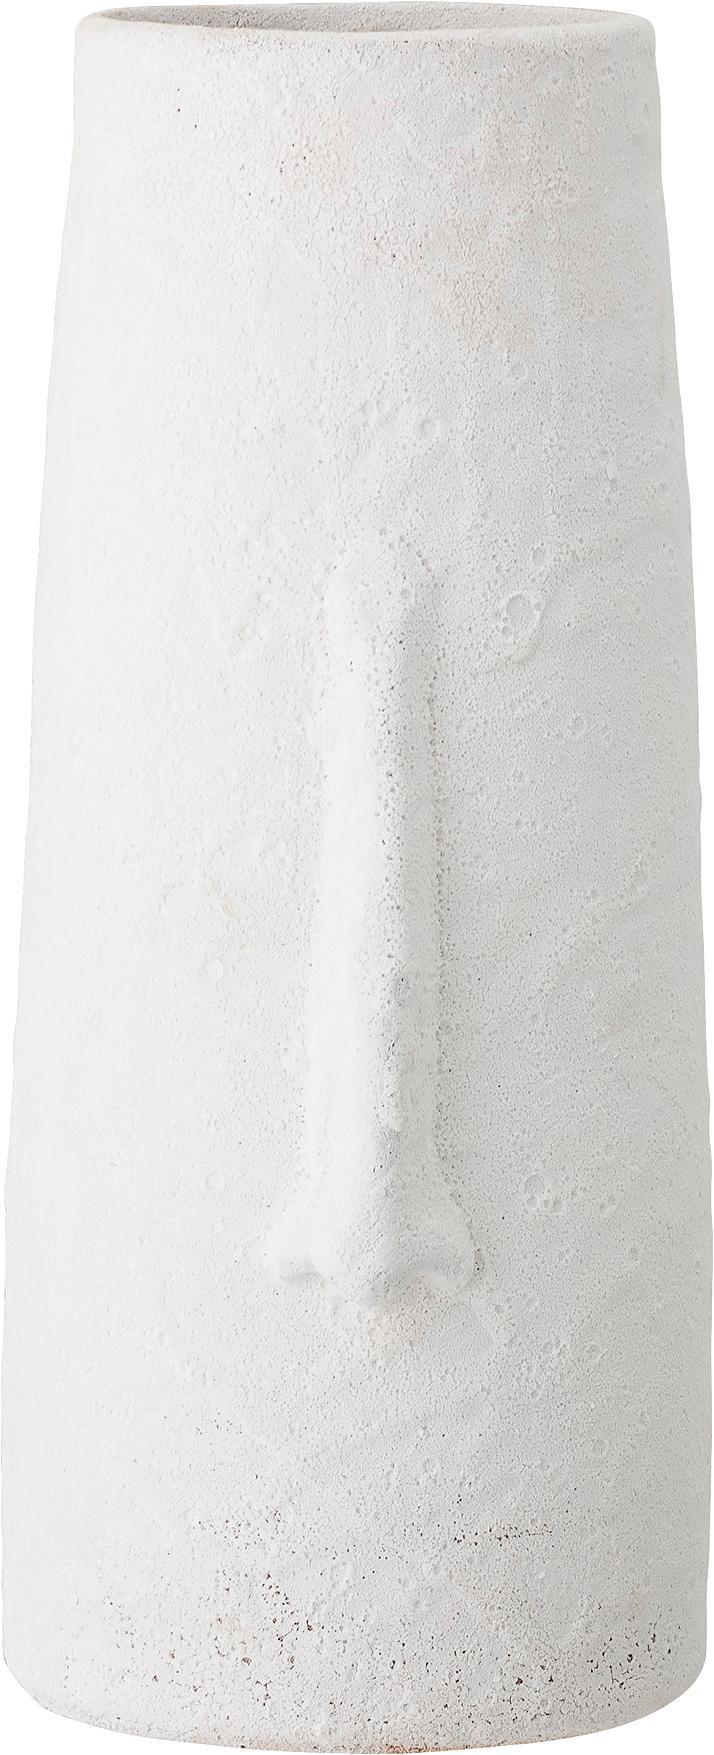 Große Deko-Vase Nose aus Terracotta, Terrakotta, Weiß, 20 x 40 cm